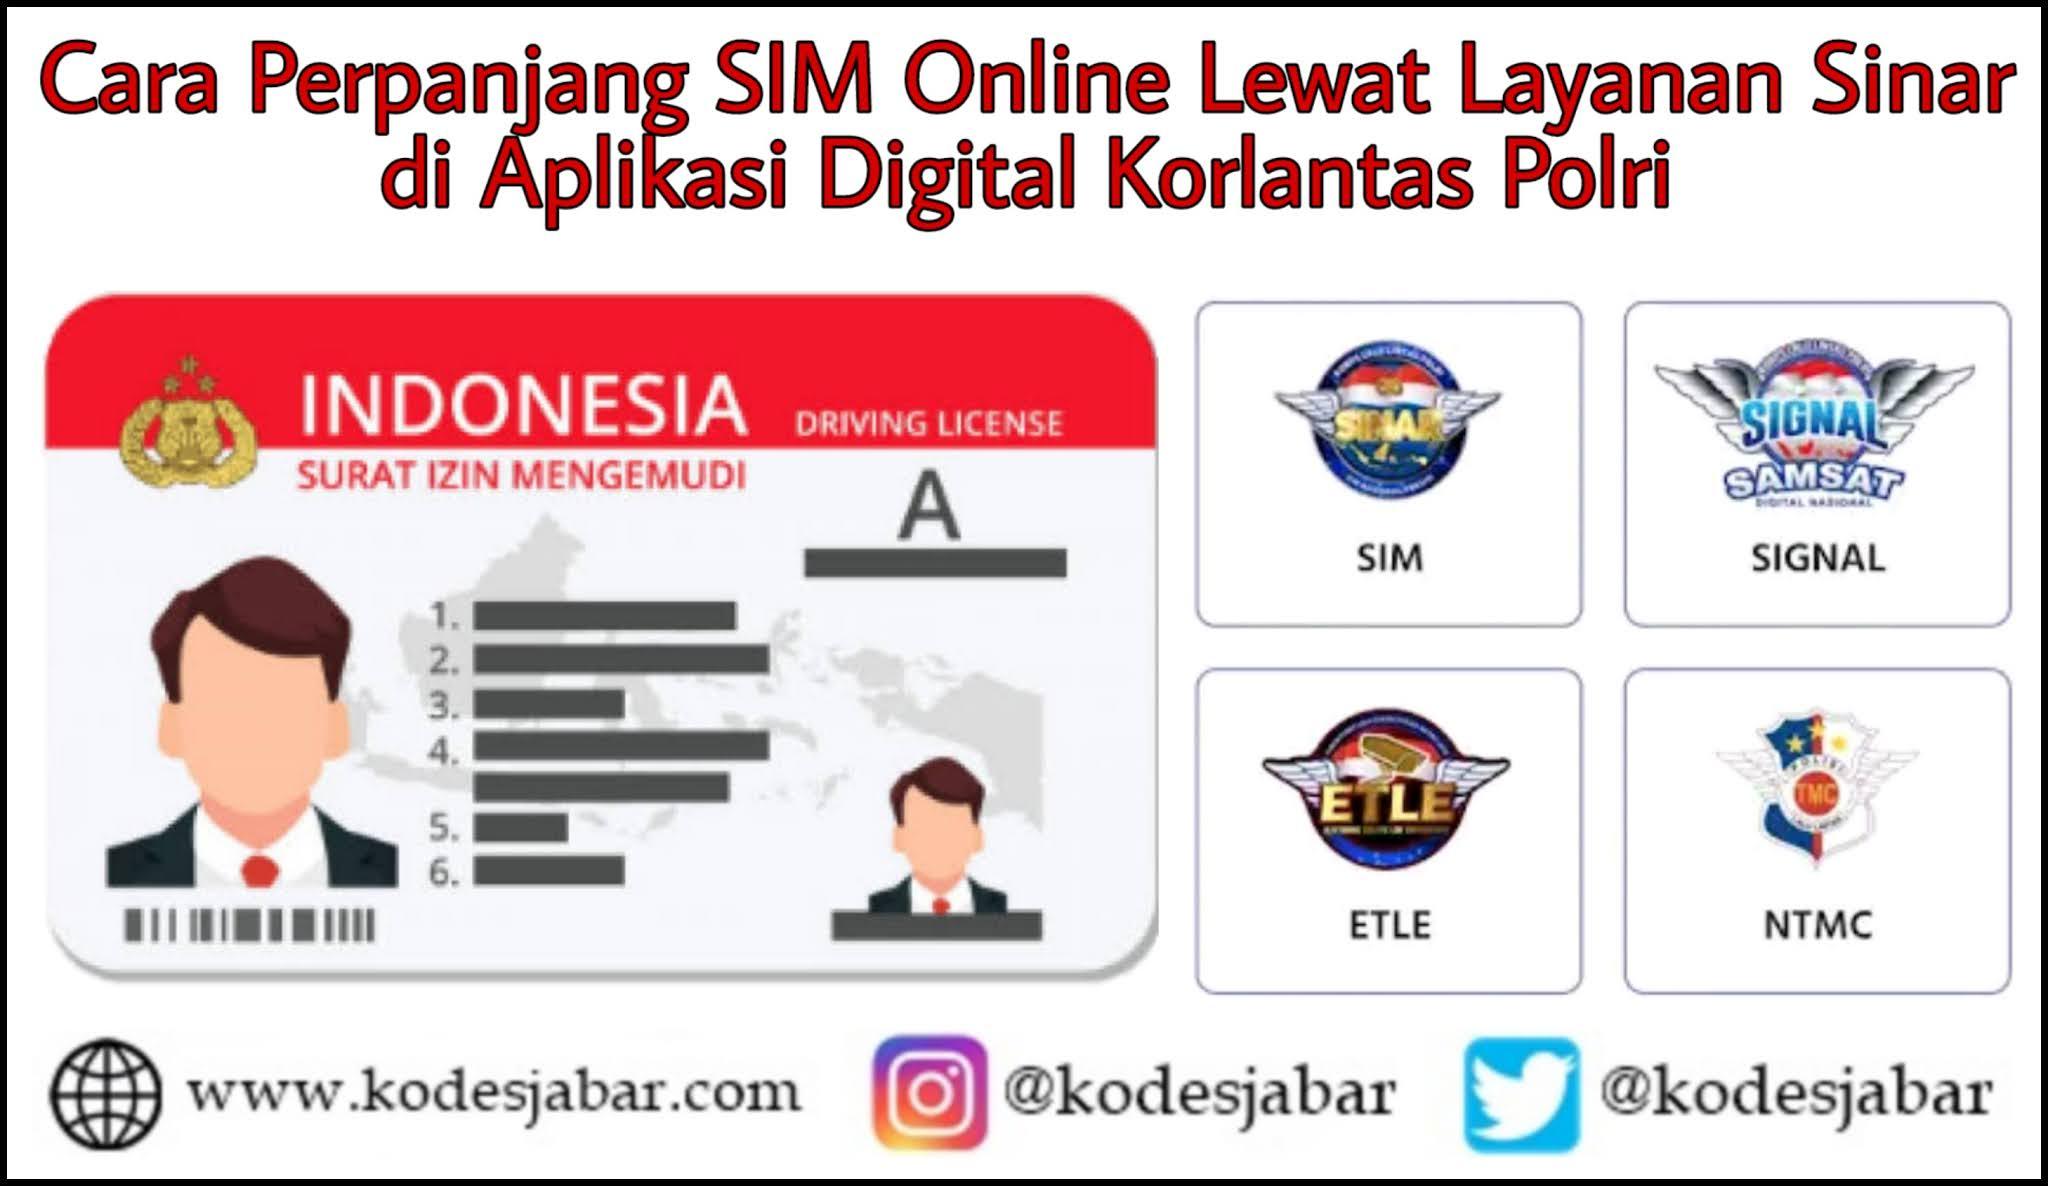 Cara Perpanjang SIM Online Lewat Layanan Sinar Dalam Aplikasi Digital Korlantas Polri